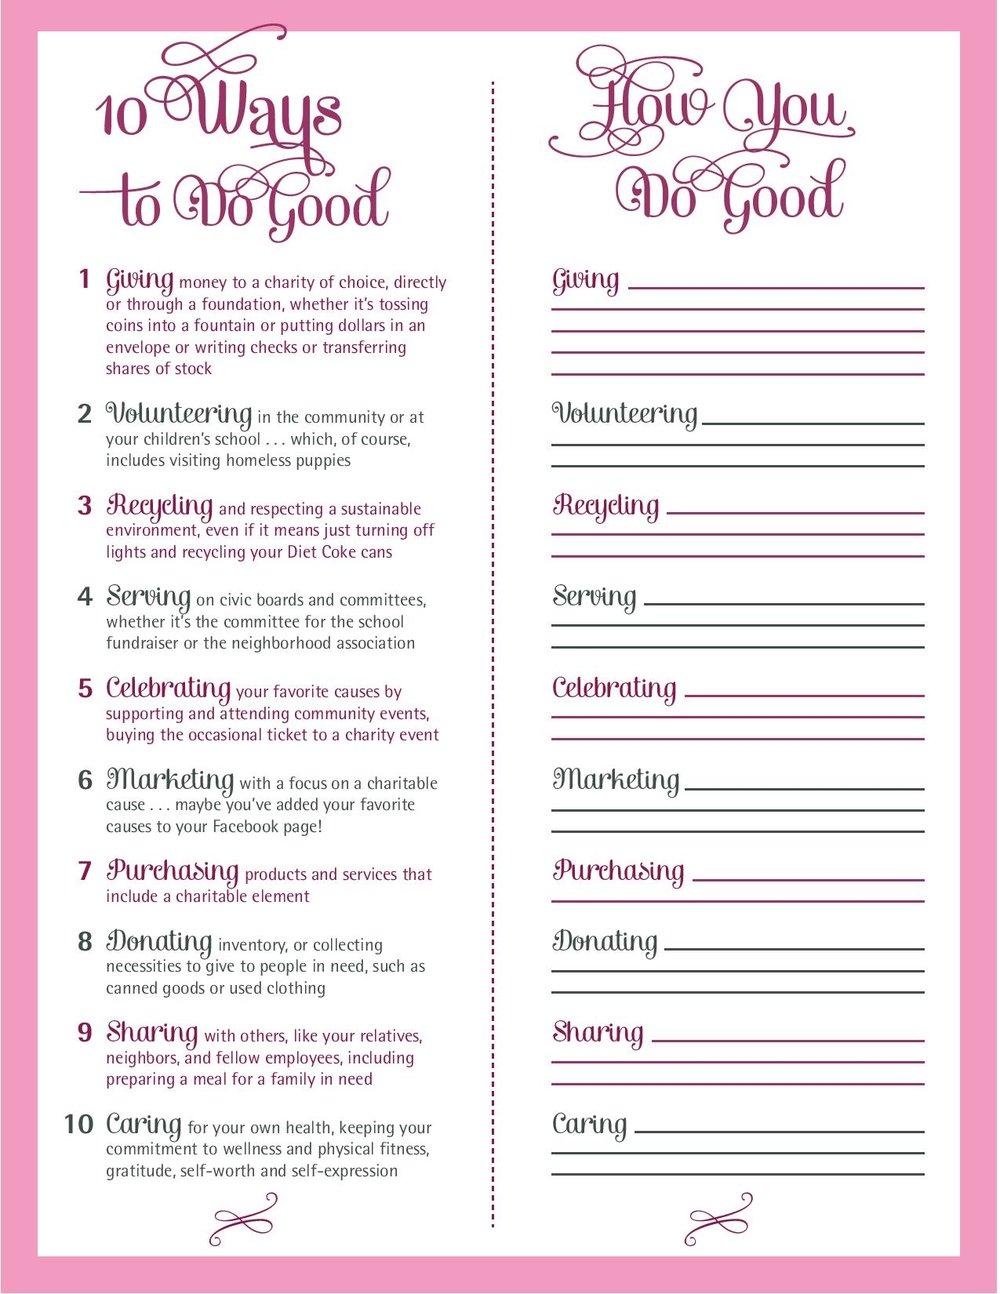 10 Ways Checklist.jpg